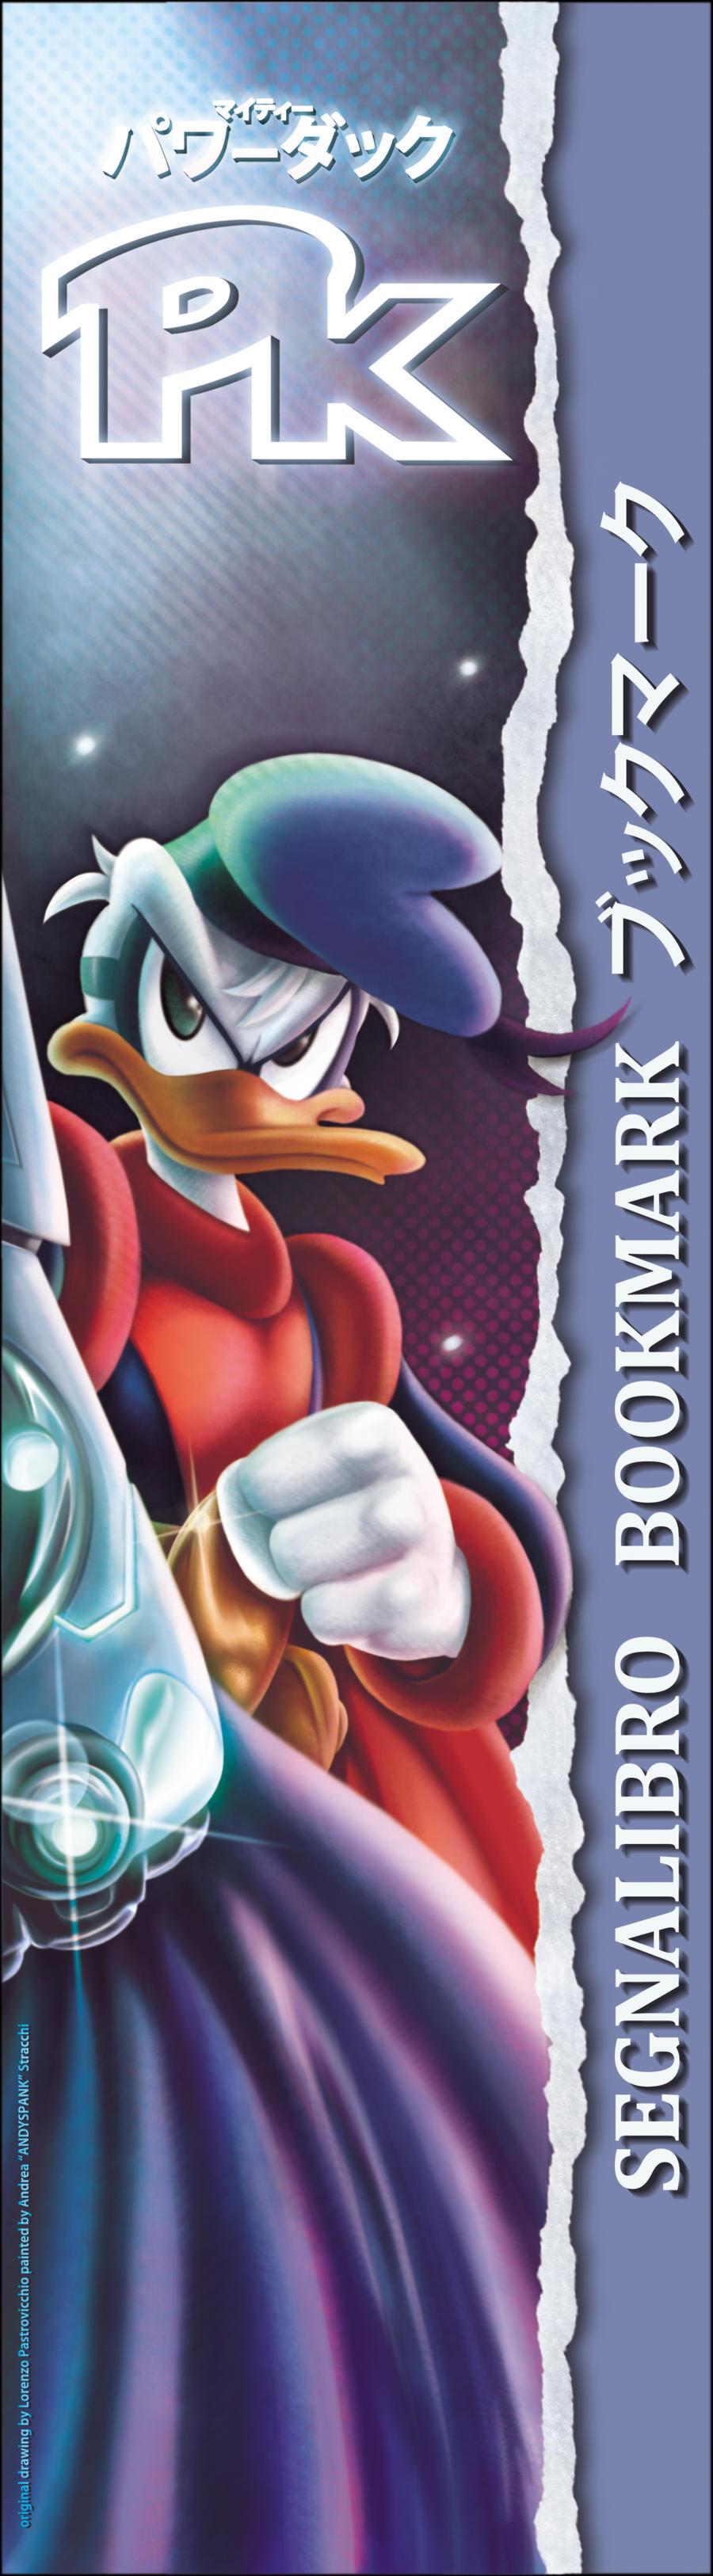 PK the Duck Avenger BOOKMARK